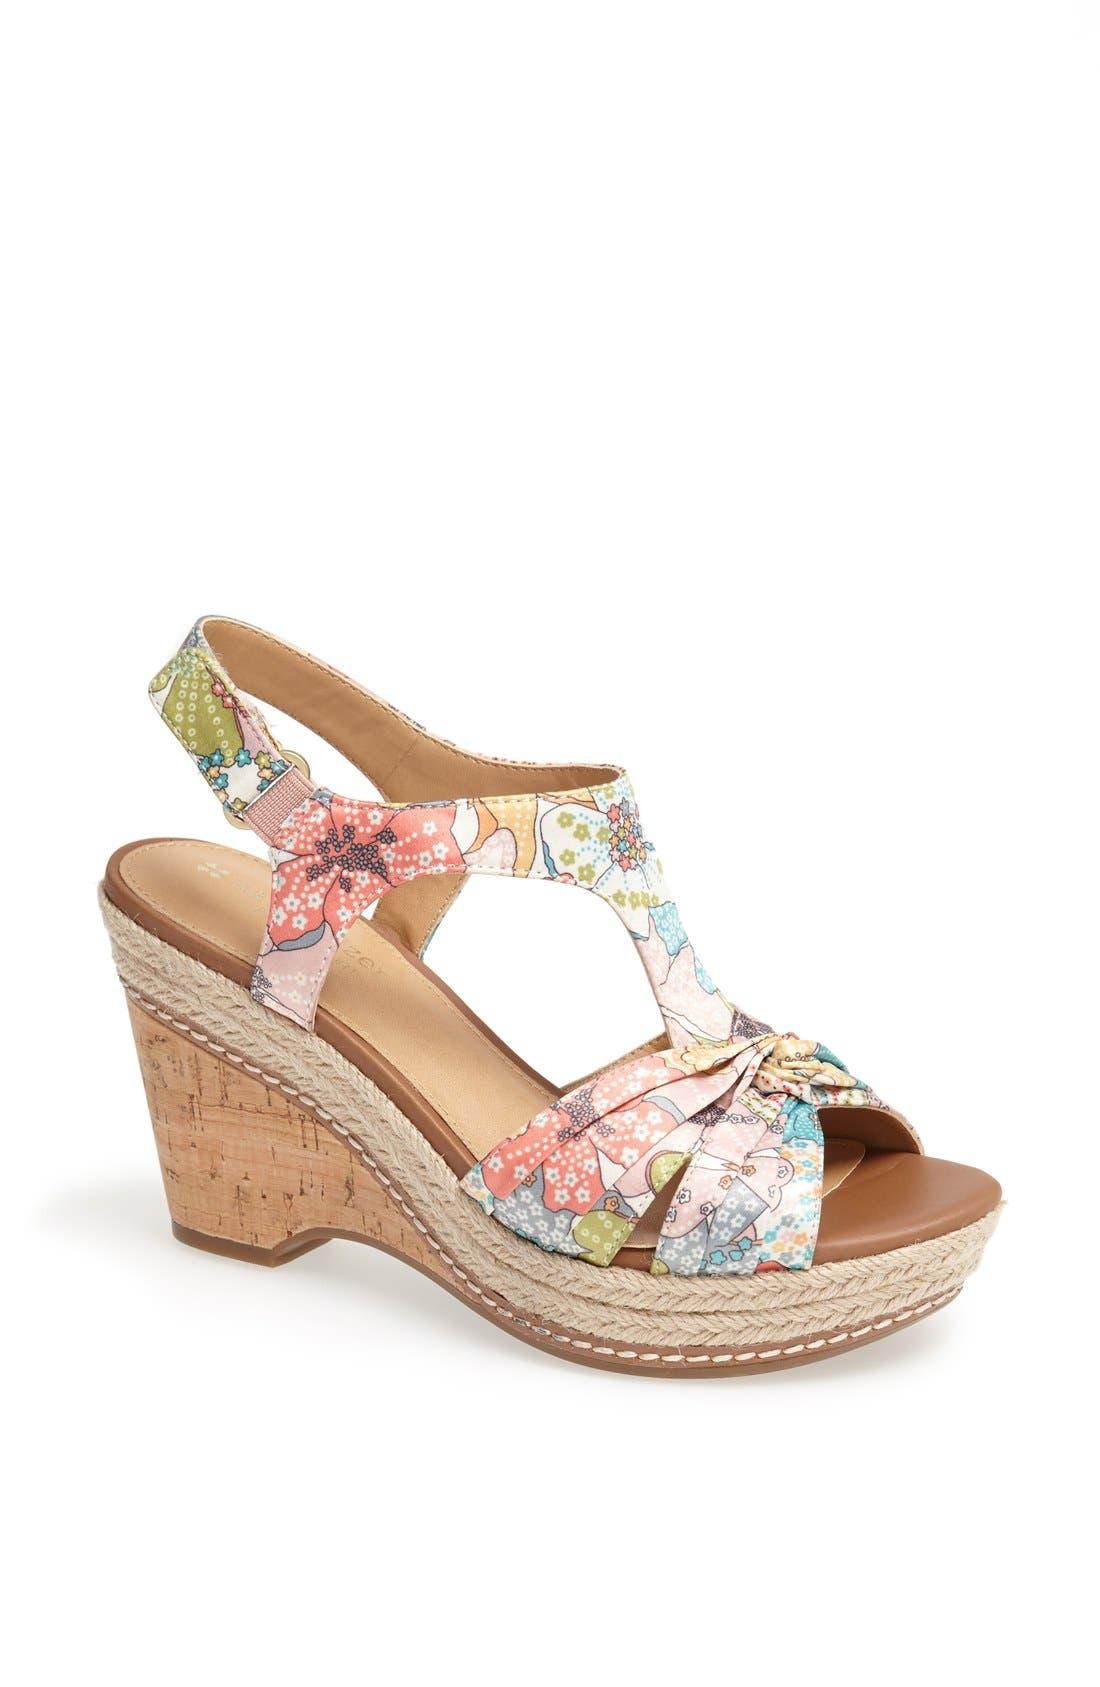 Alternate Image 1 Selected - Naturalizer 'Linore' Sandal